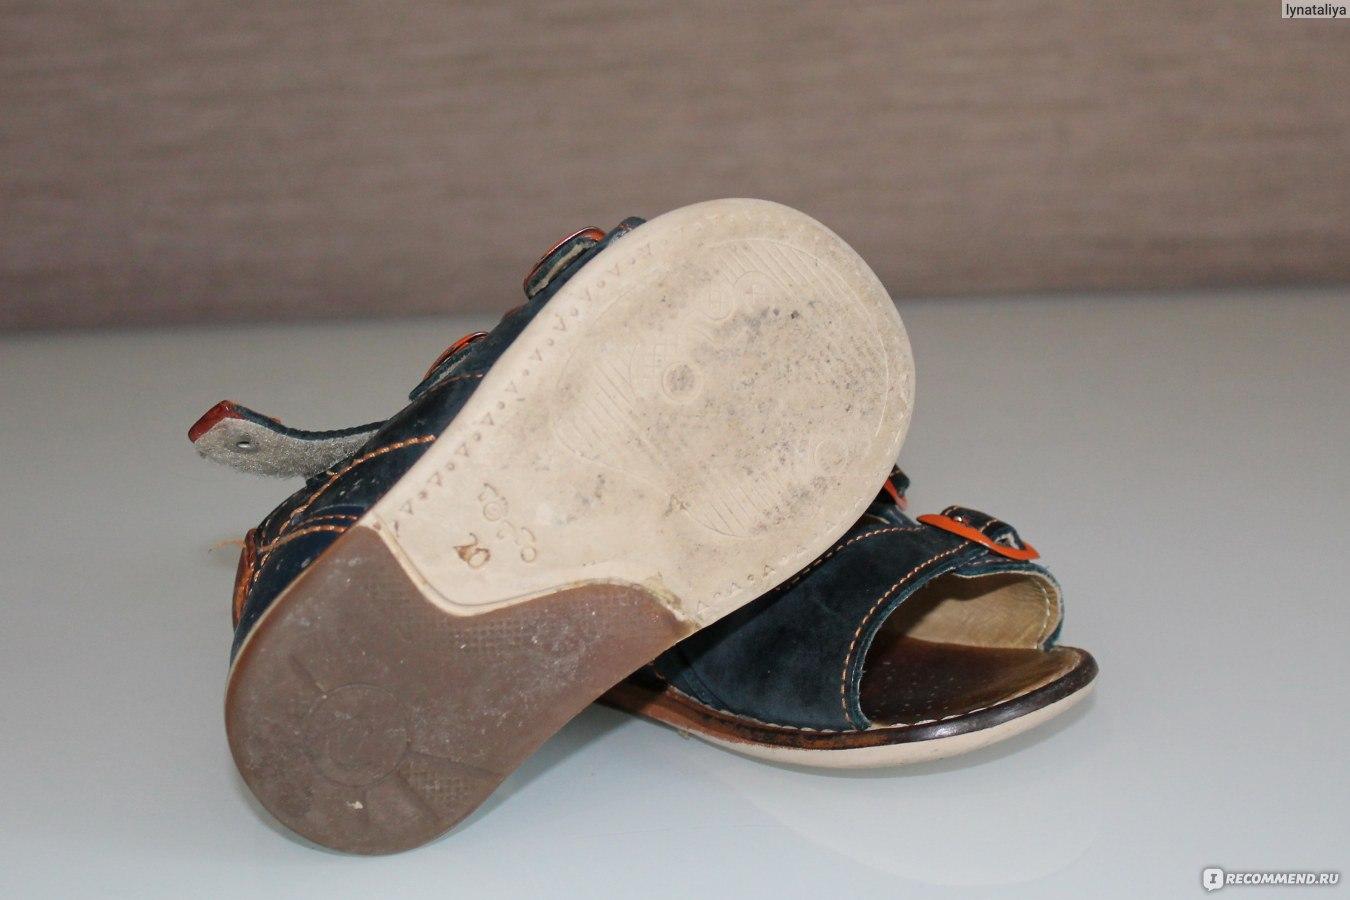 ff948a40c Босоножки ( сандалии) Тотто Летняя обувь - «Обувь ТотТо из серии ...